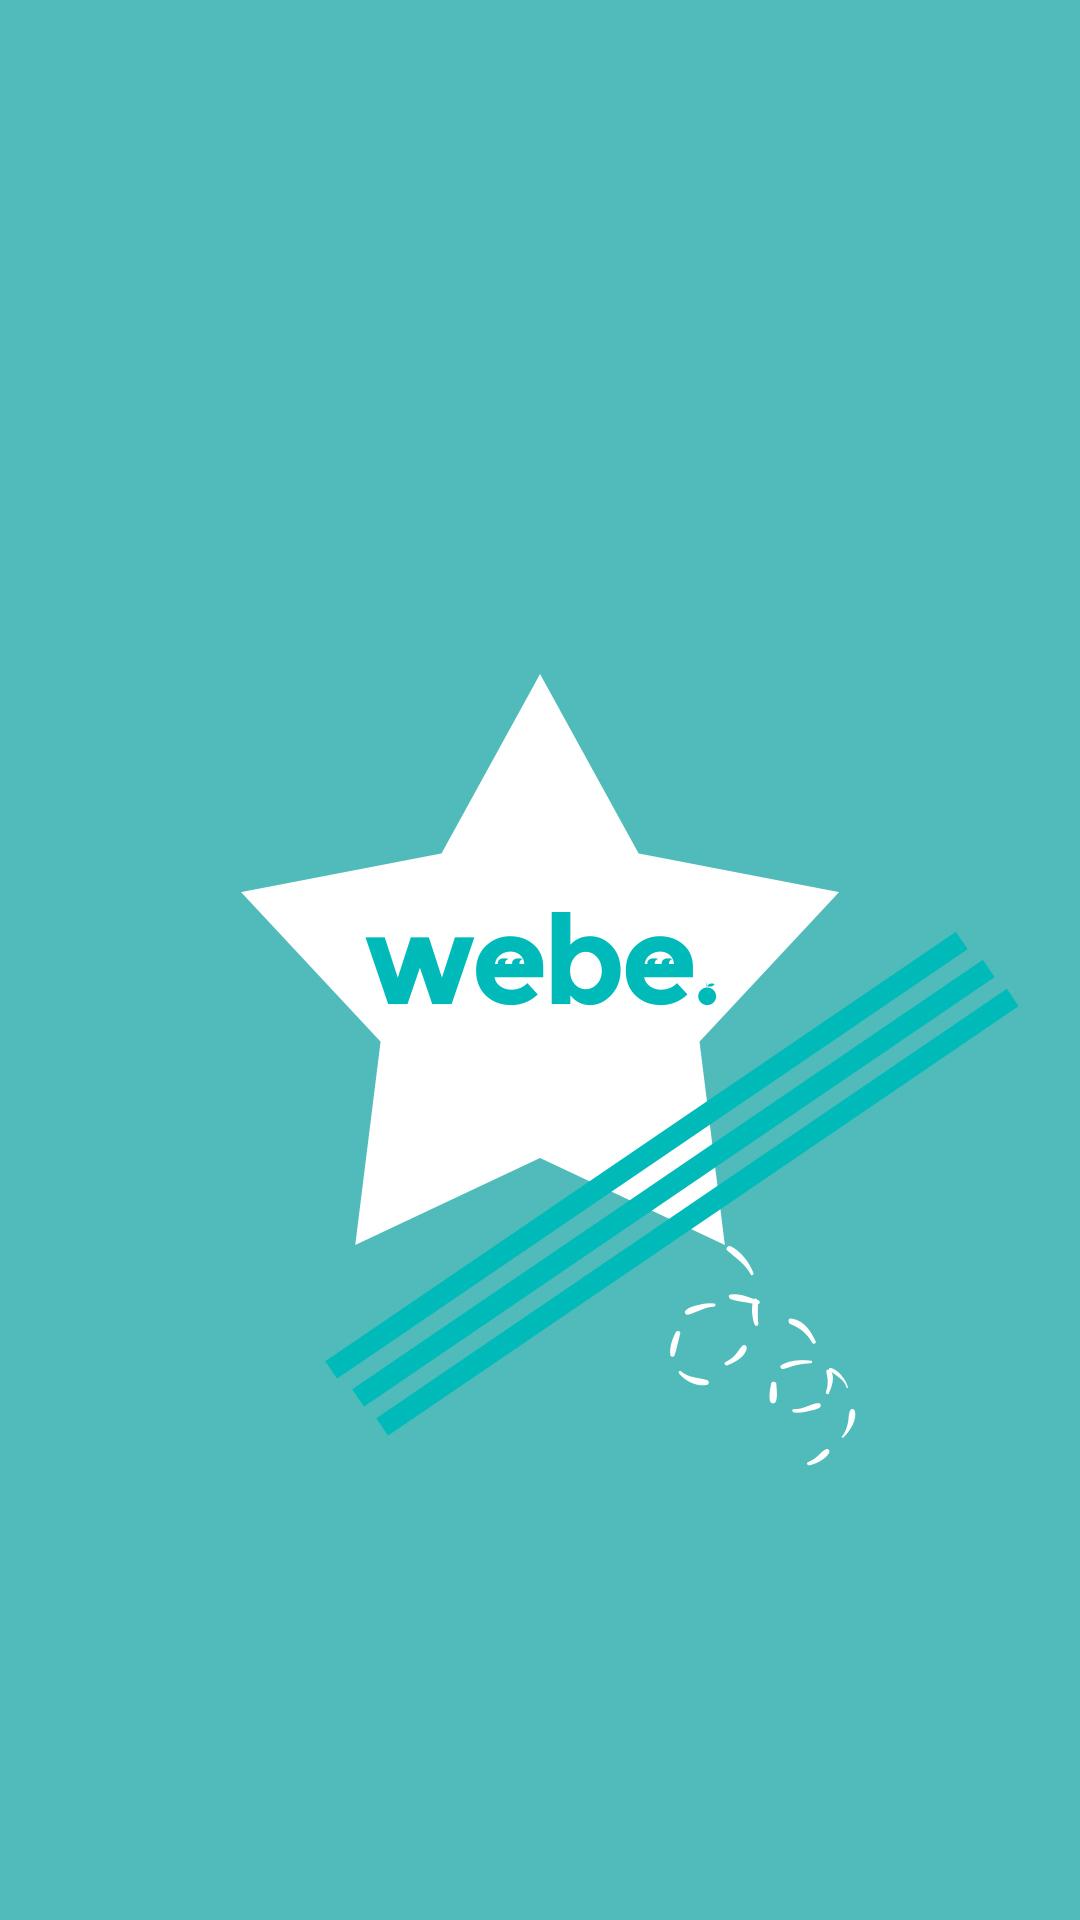 star_webe_cover.jpg